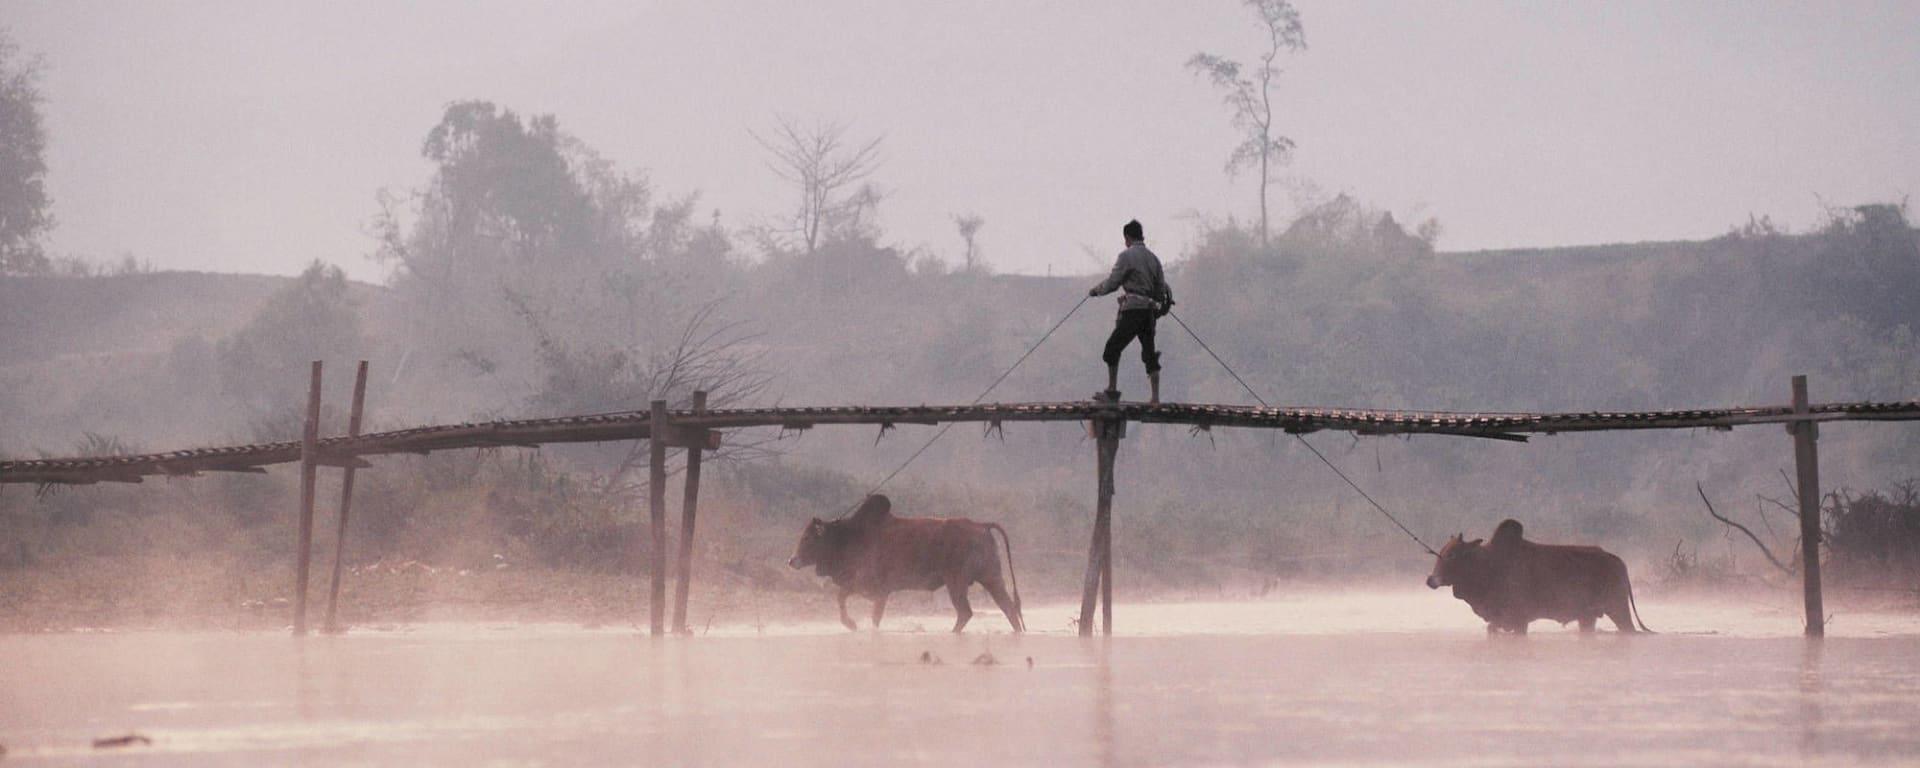 Voyages en Thaïlande | Vacances en Asie par tourasia: Pai Bridge